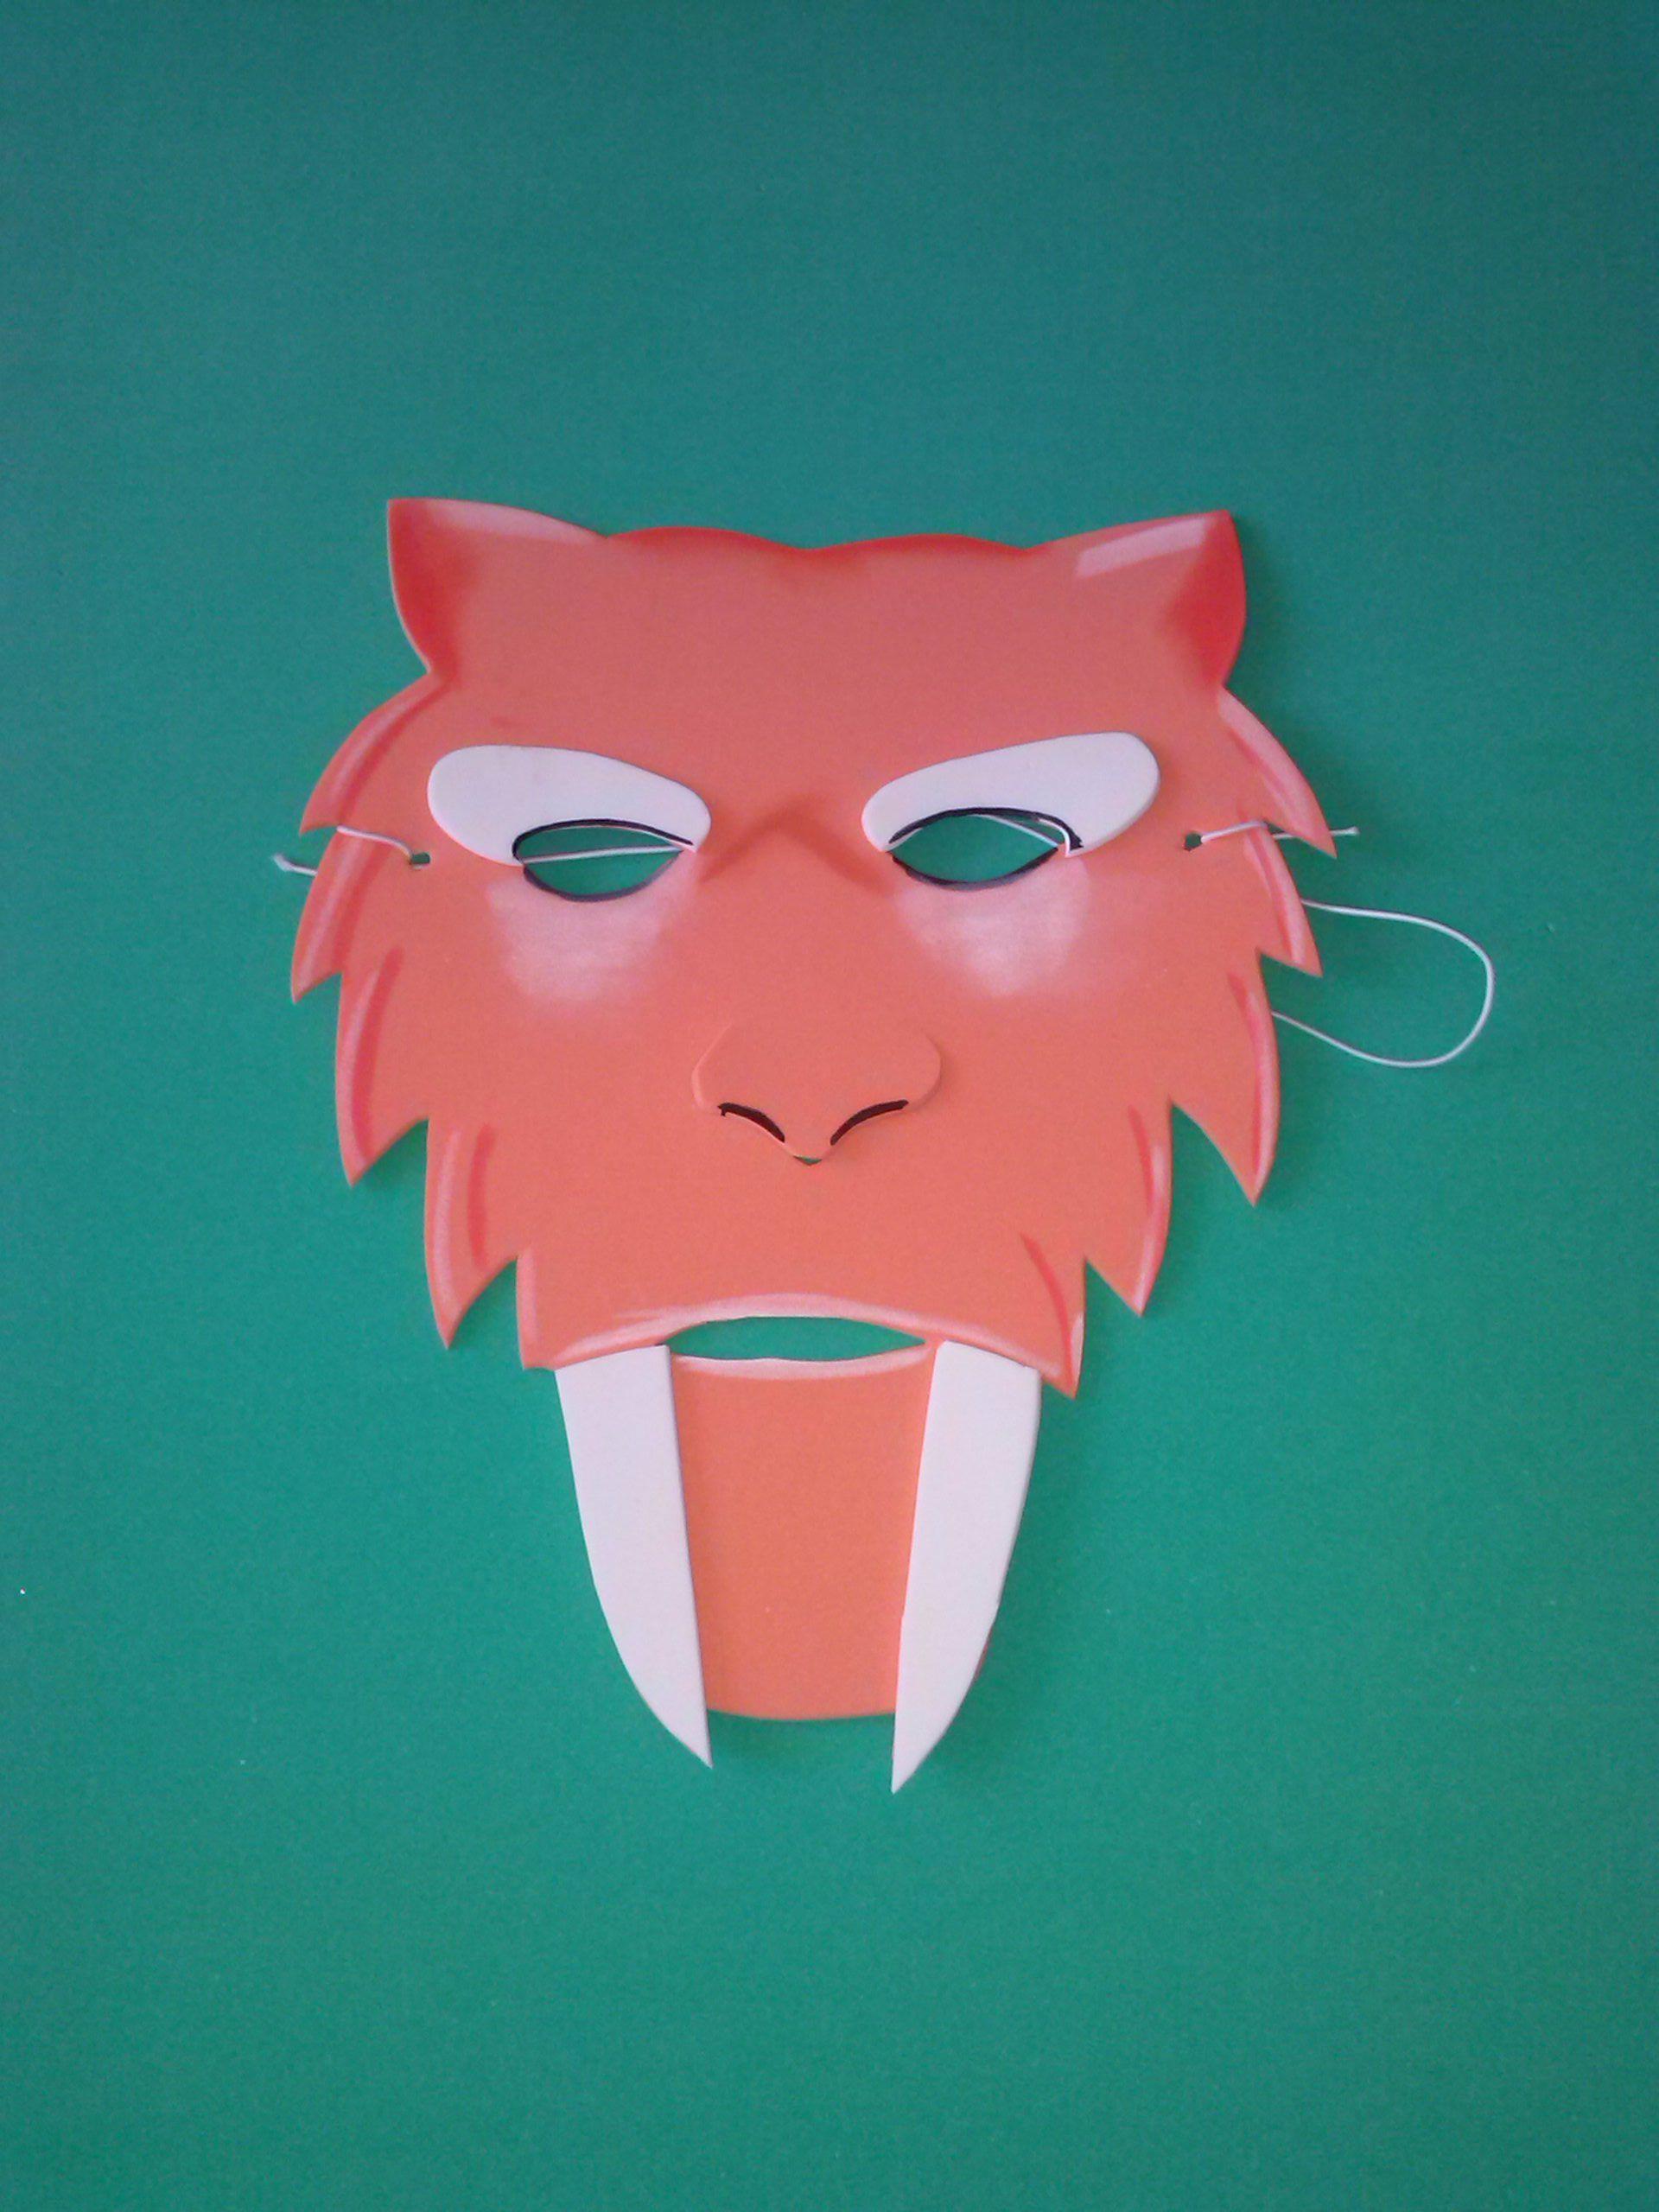 Máscara dientes de sable | dinos | Pinterest | Máscaras, Dientes de ...